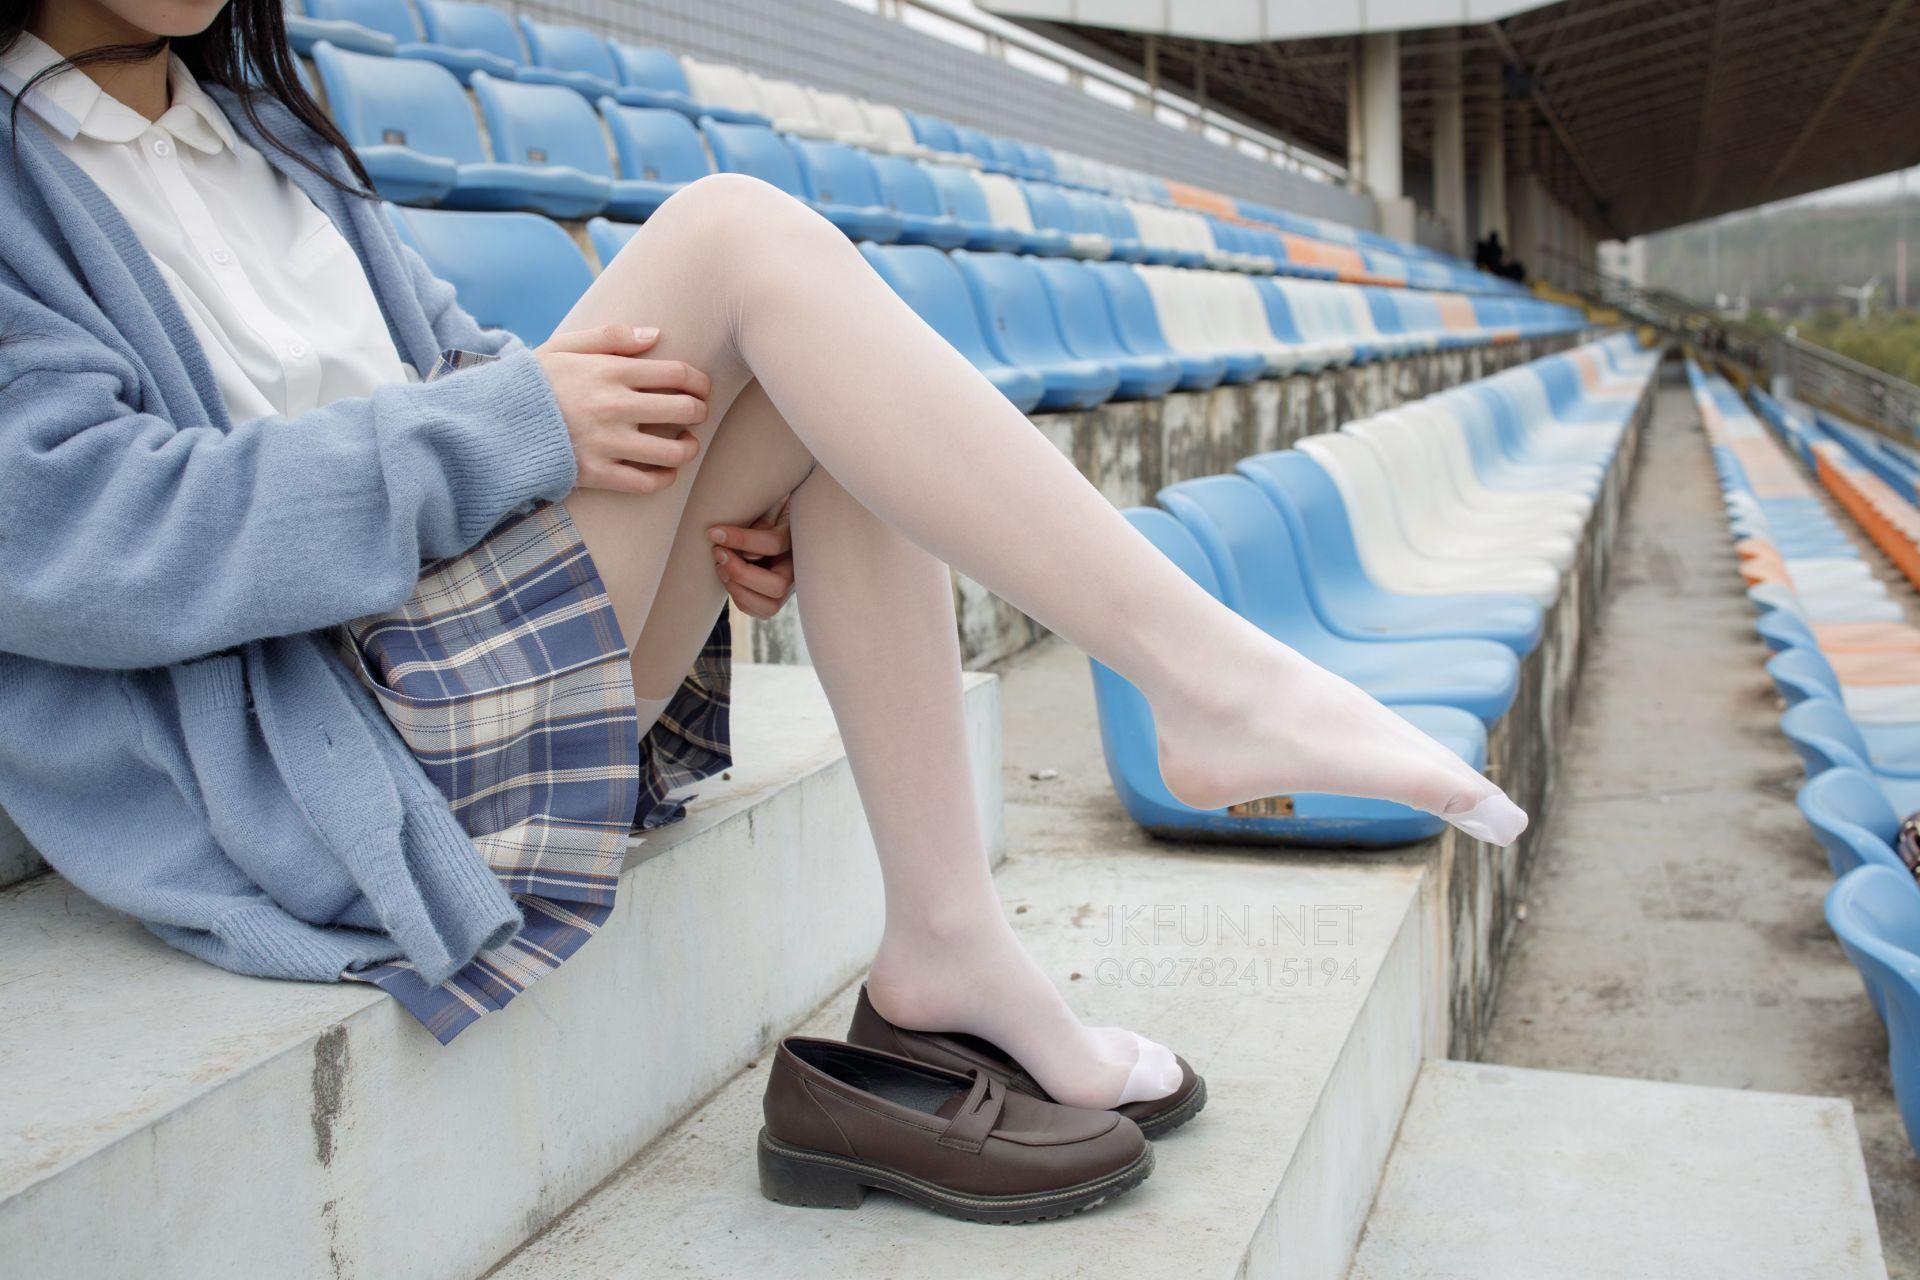 【森萝财团】 森萝财团写真 – JKFUN-003 甜米 春游 [150P-1V-3.78GB] JKFUN 第5张